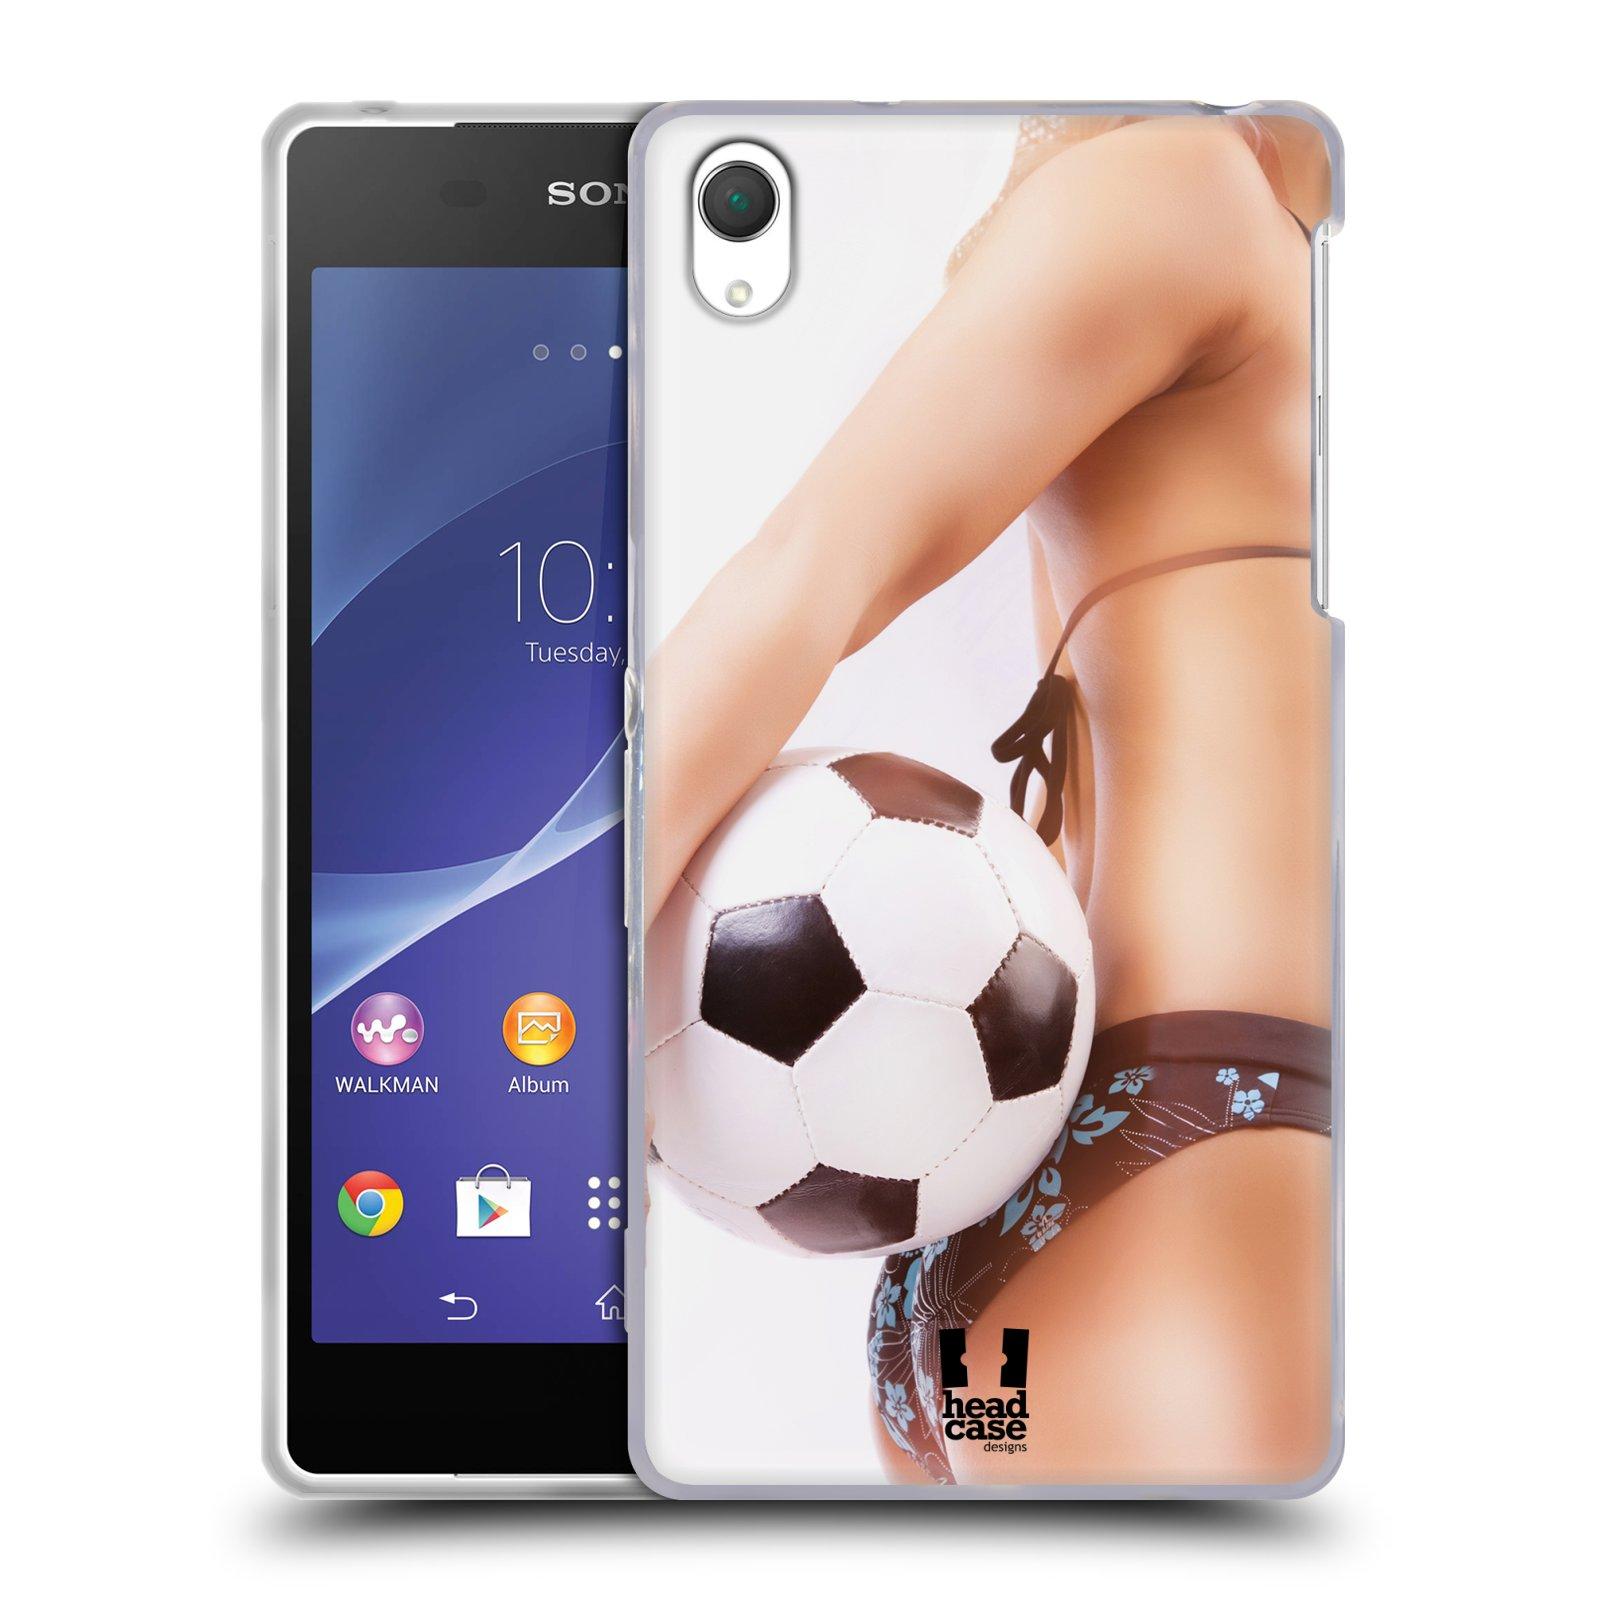 Silikonové pouzdro na mobil Sony Xperia Z2 D6503 HEAD CASE SEXY ZADEČEK